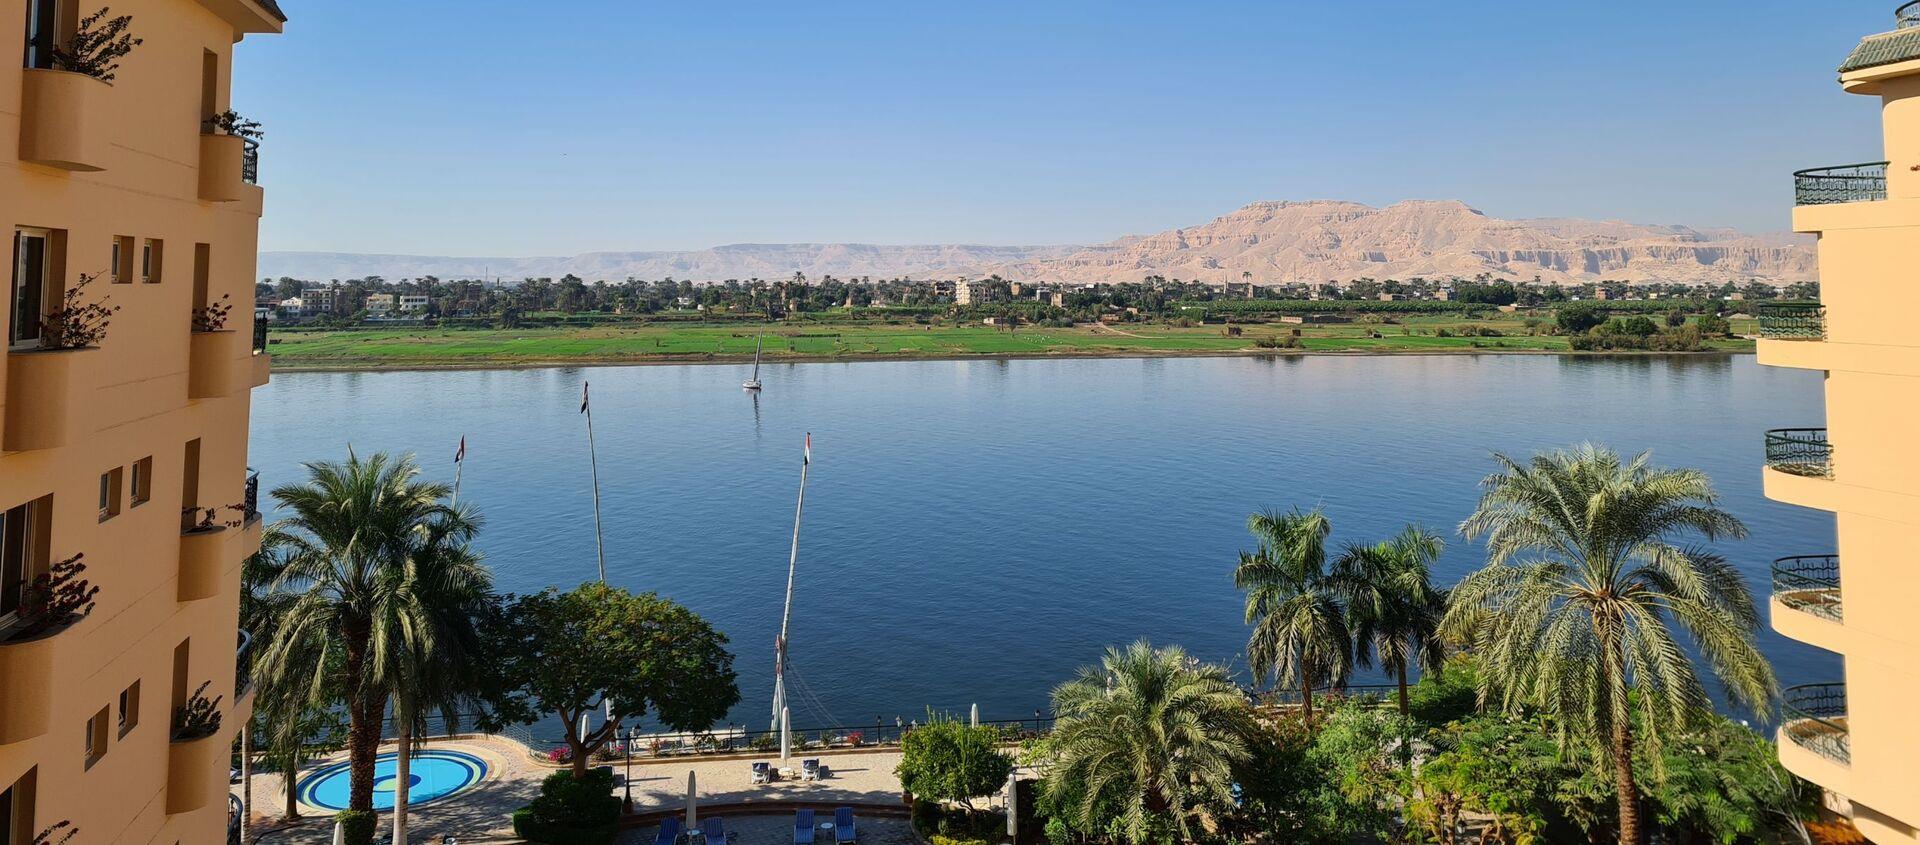 Pogled na reku Nil u Luksoru - Sputnik Srbija, 1920, 26.06.2021